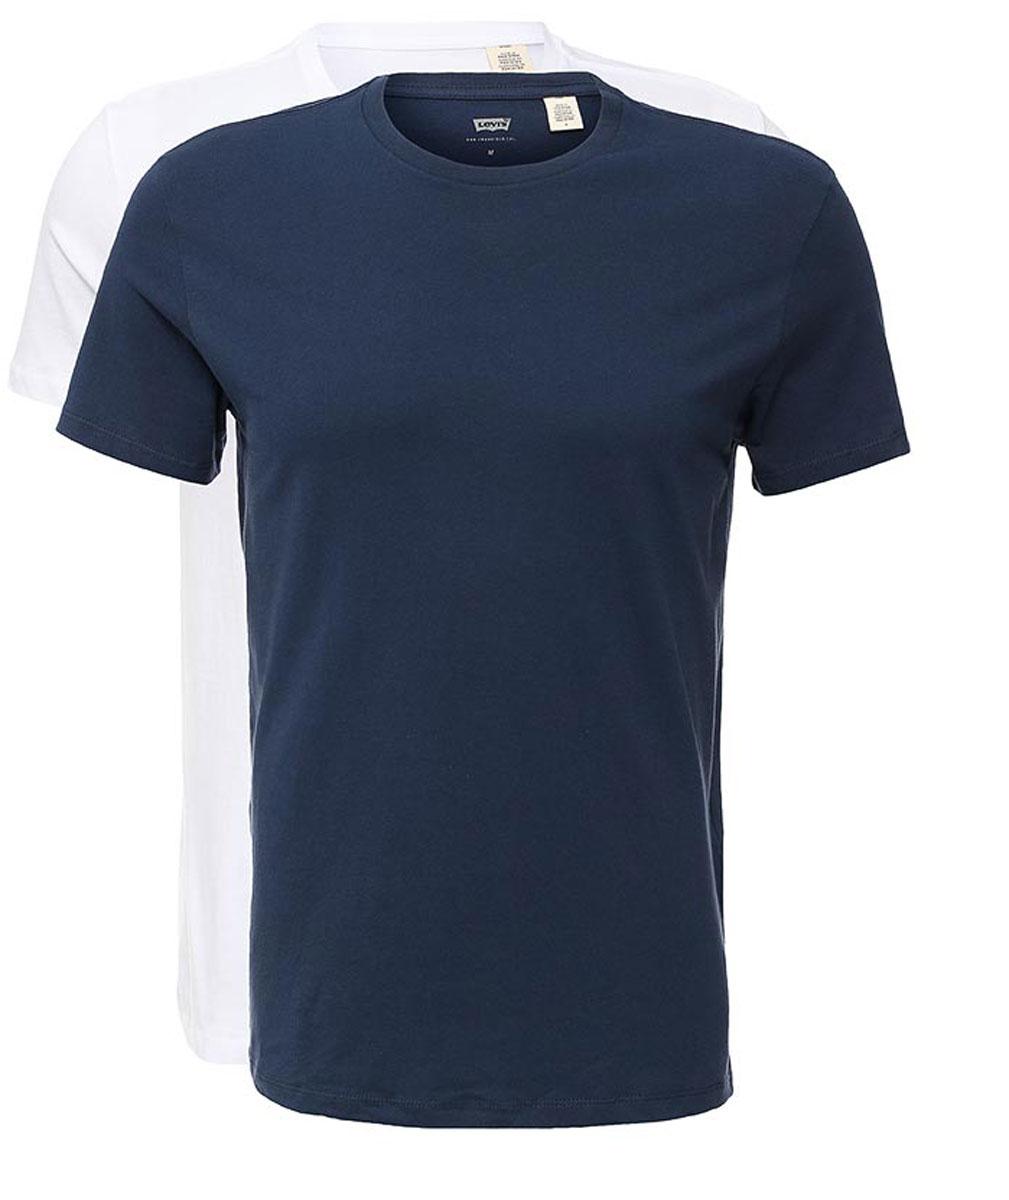 Купить Футболка мужская Levi's®, цвет: темно-синий, белый 2 шт. 8217600040. Размер S (46)